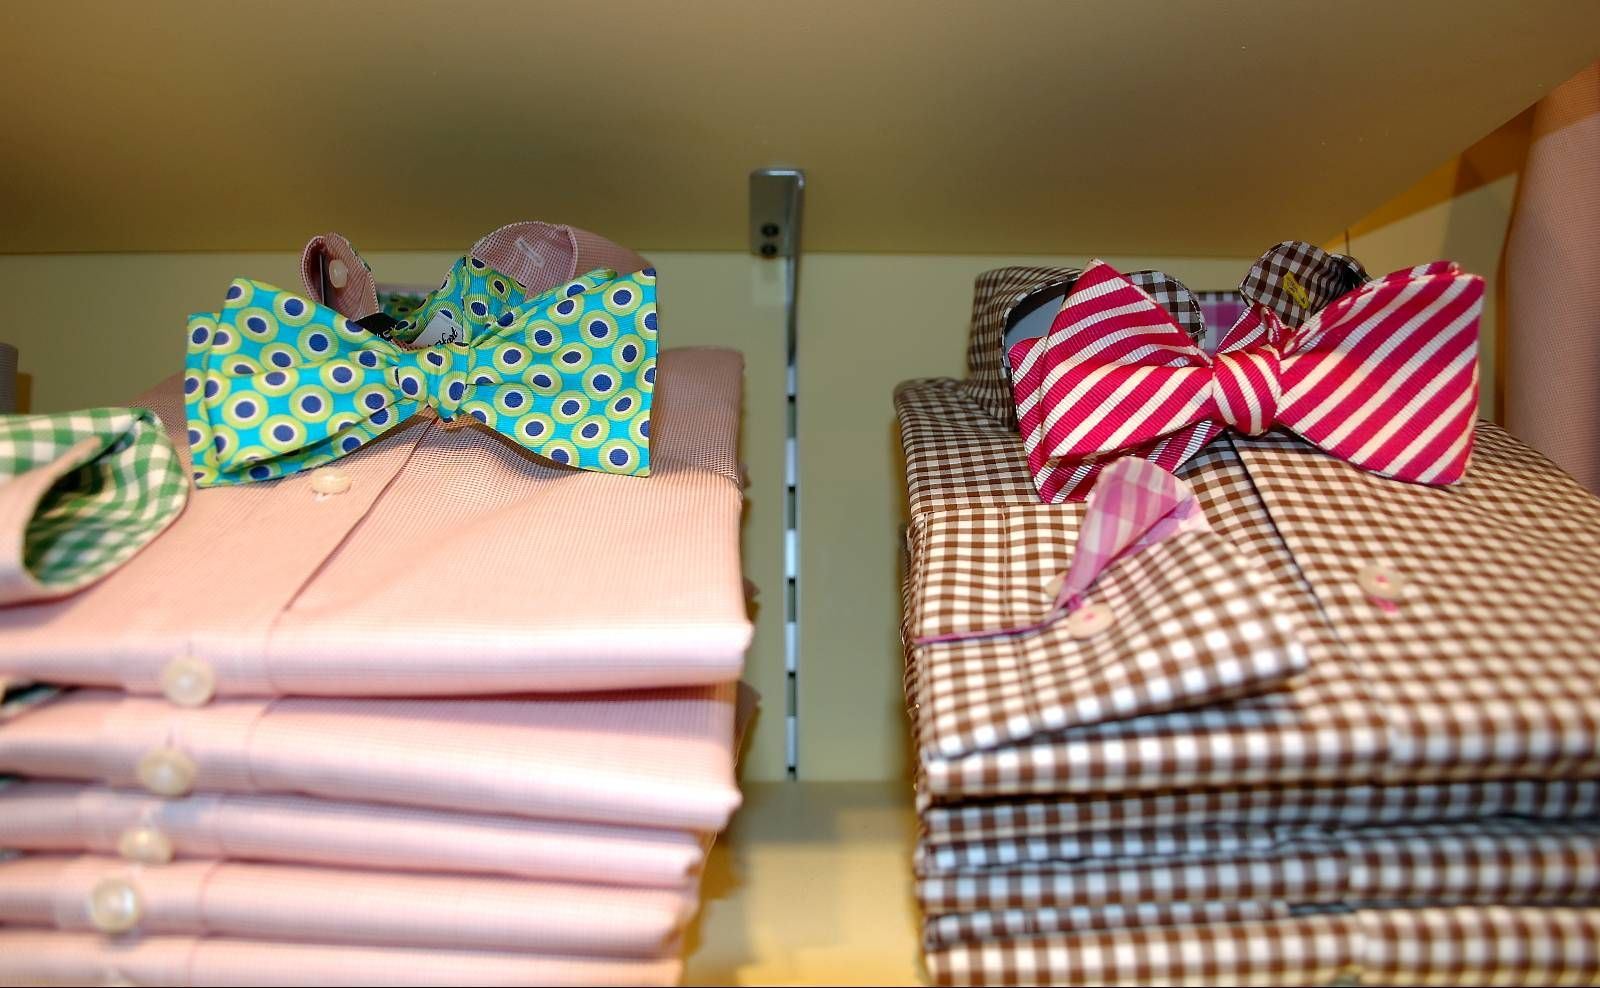 Eksklusive skjorter i Kirkegata